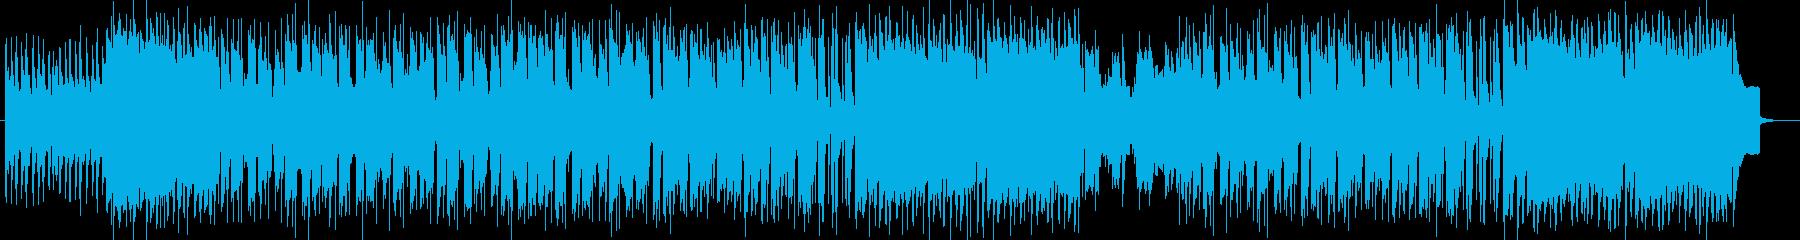 軽快で疾走感が特徴のストリングスポップスの再生済みの波形